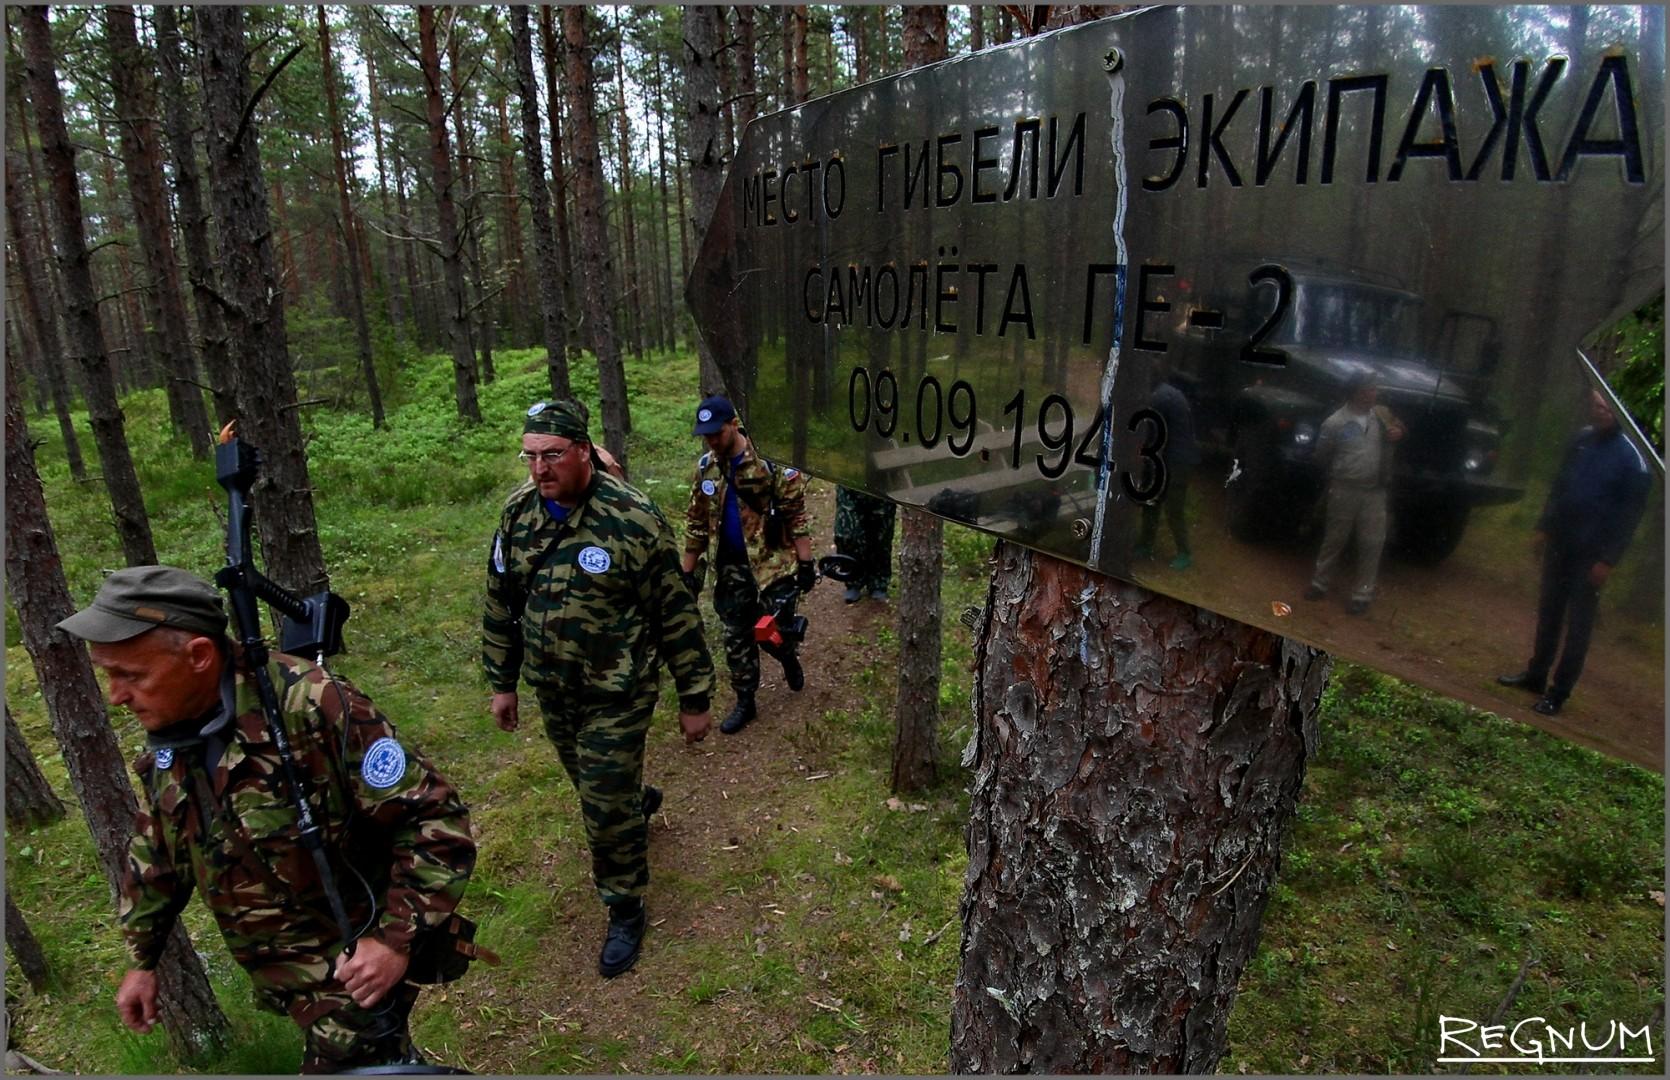 Табличка на месте гибели Пе-2